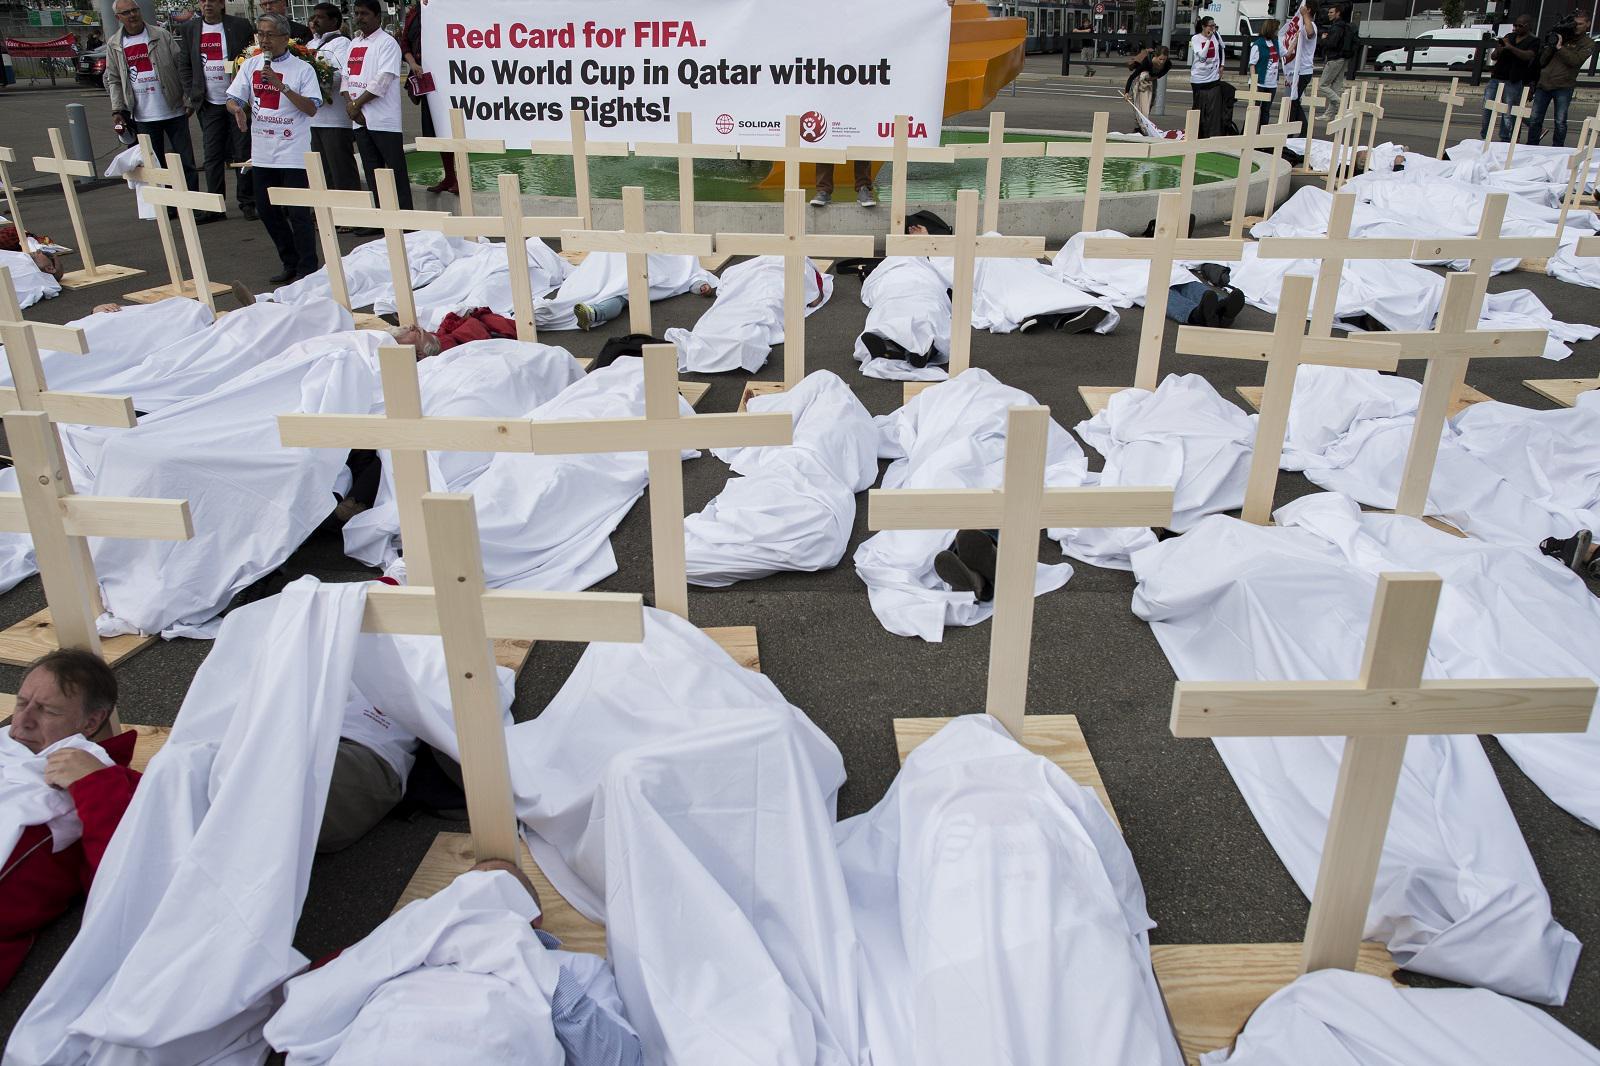 卡塔尔世界杯奴隶制赶工曝光,预计死4000人!中国名记却赞史上最佳